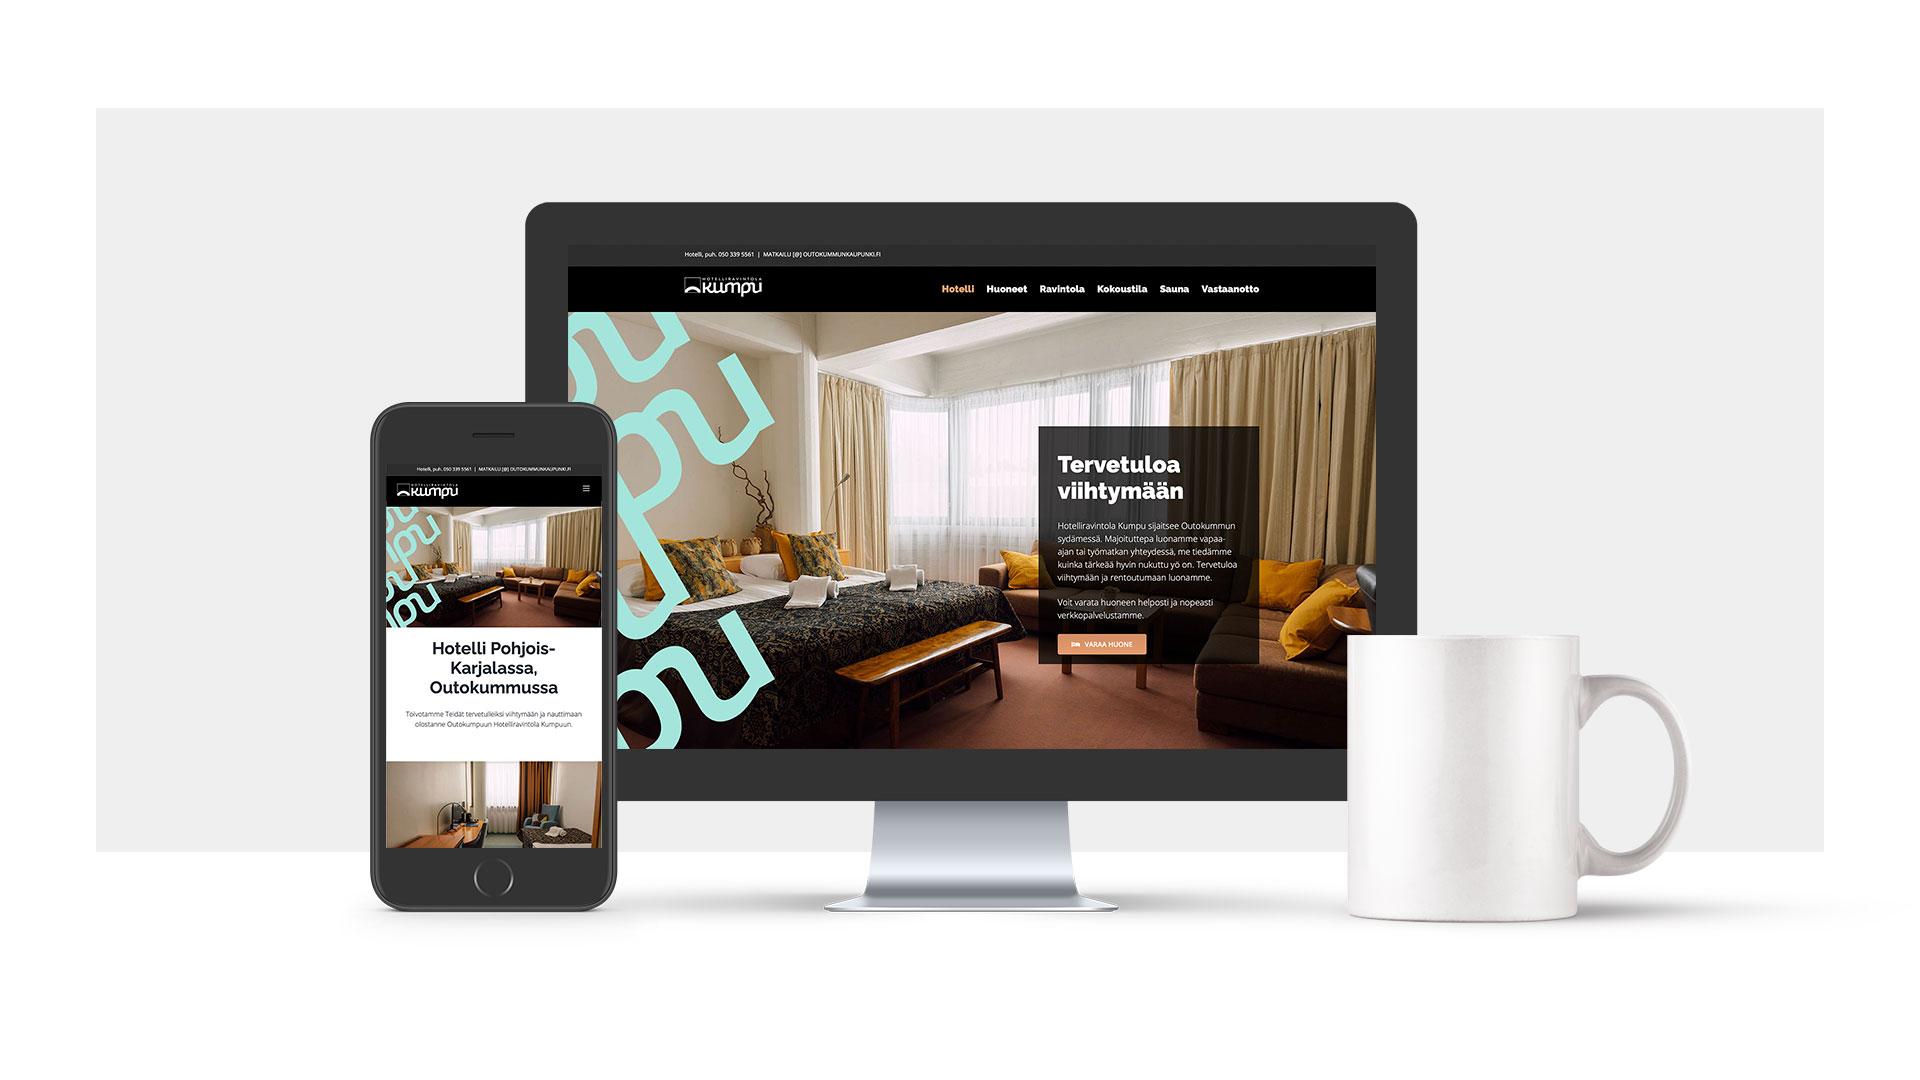 Hotelliravintola kumpu verkkosivut